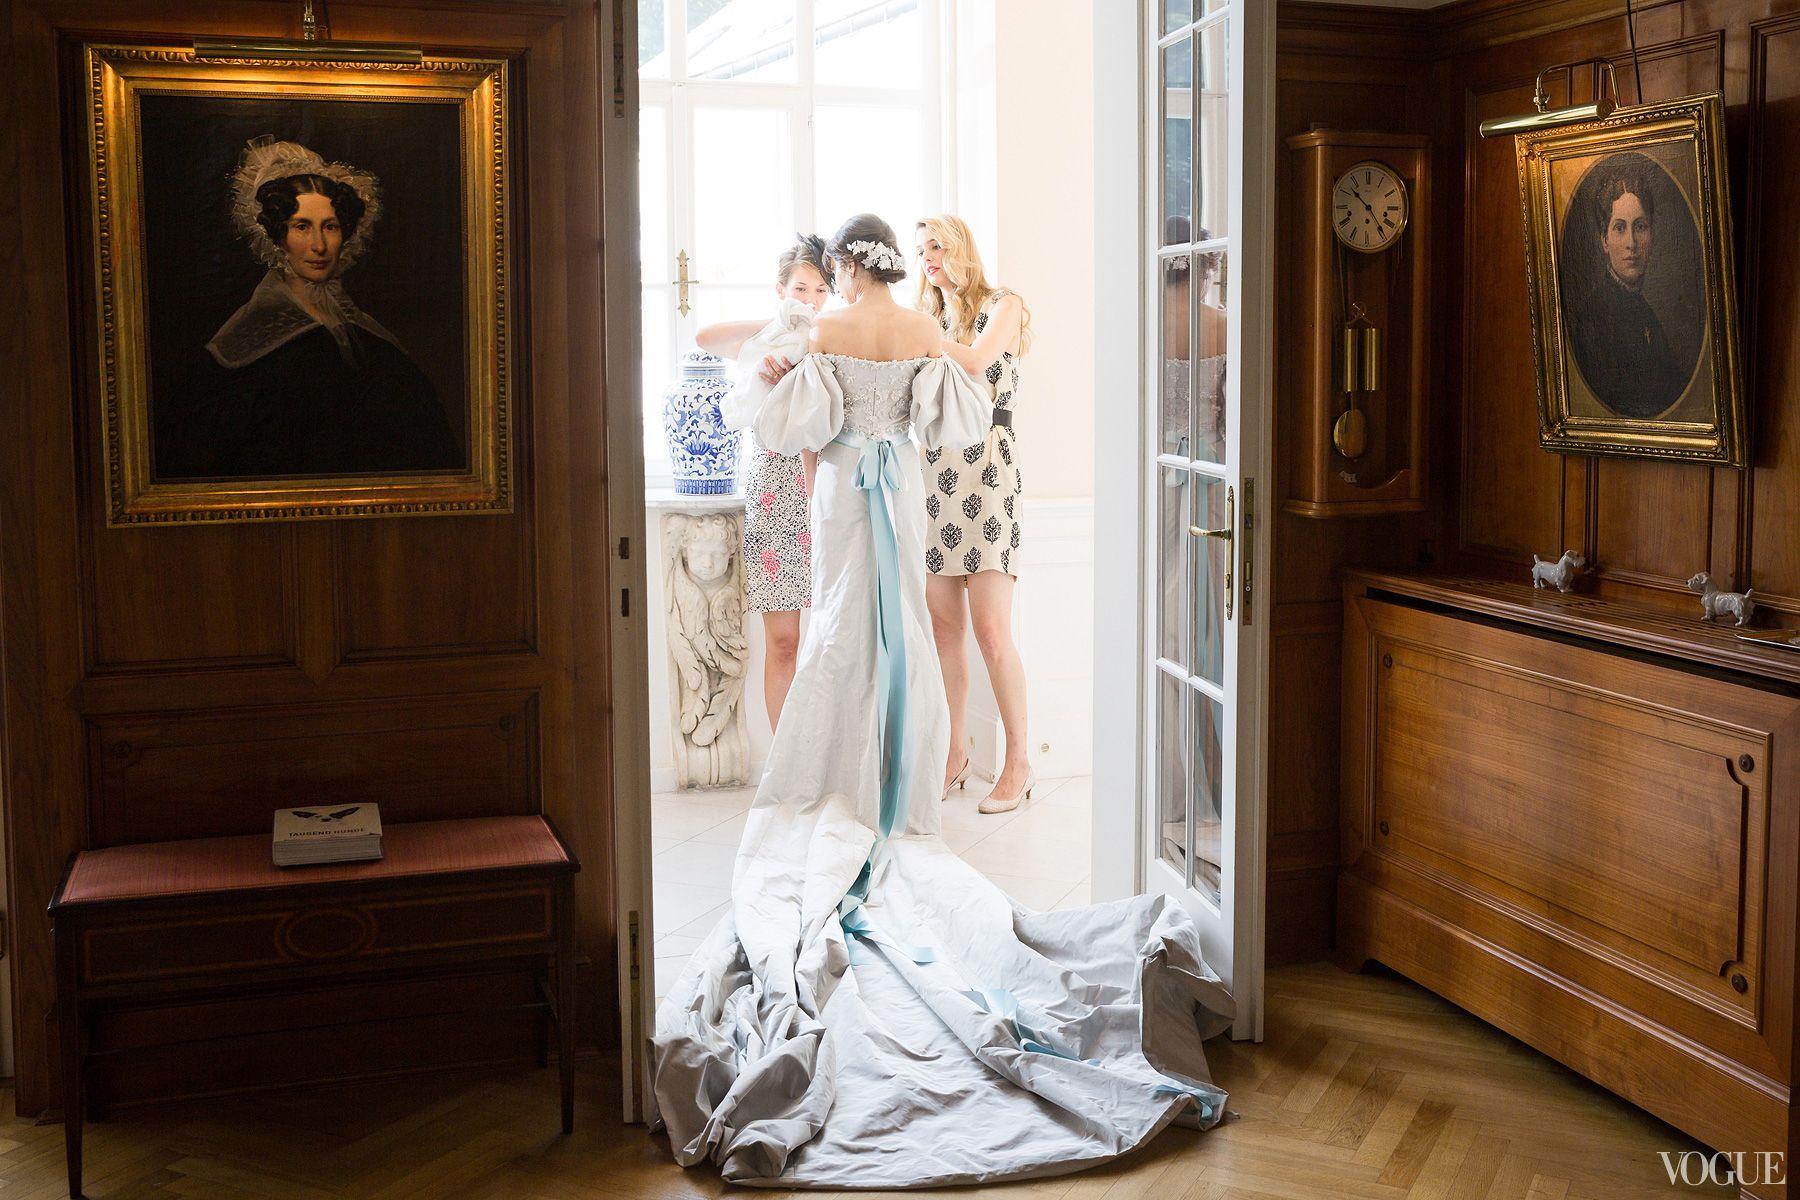 Catholic wedding dresses  Putting on the final touches before the Catholic wedding ceremony